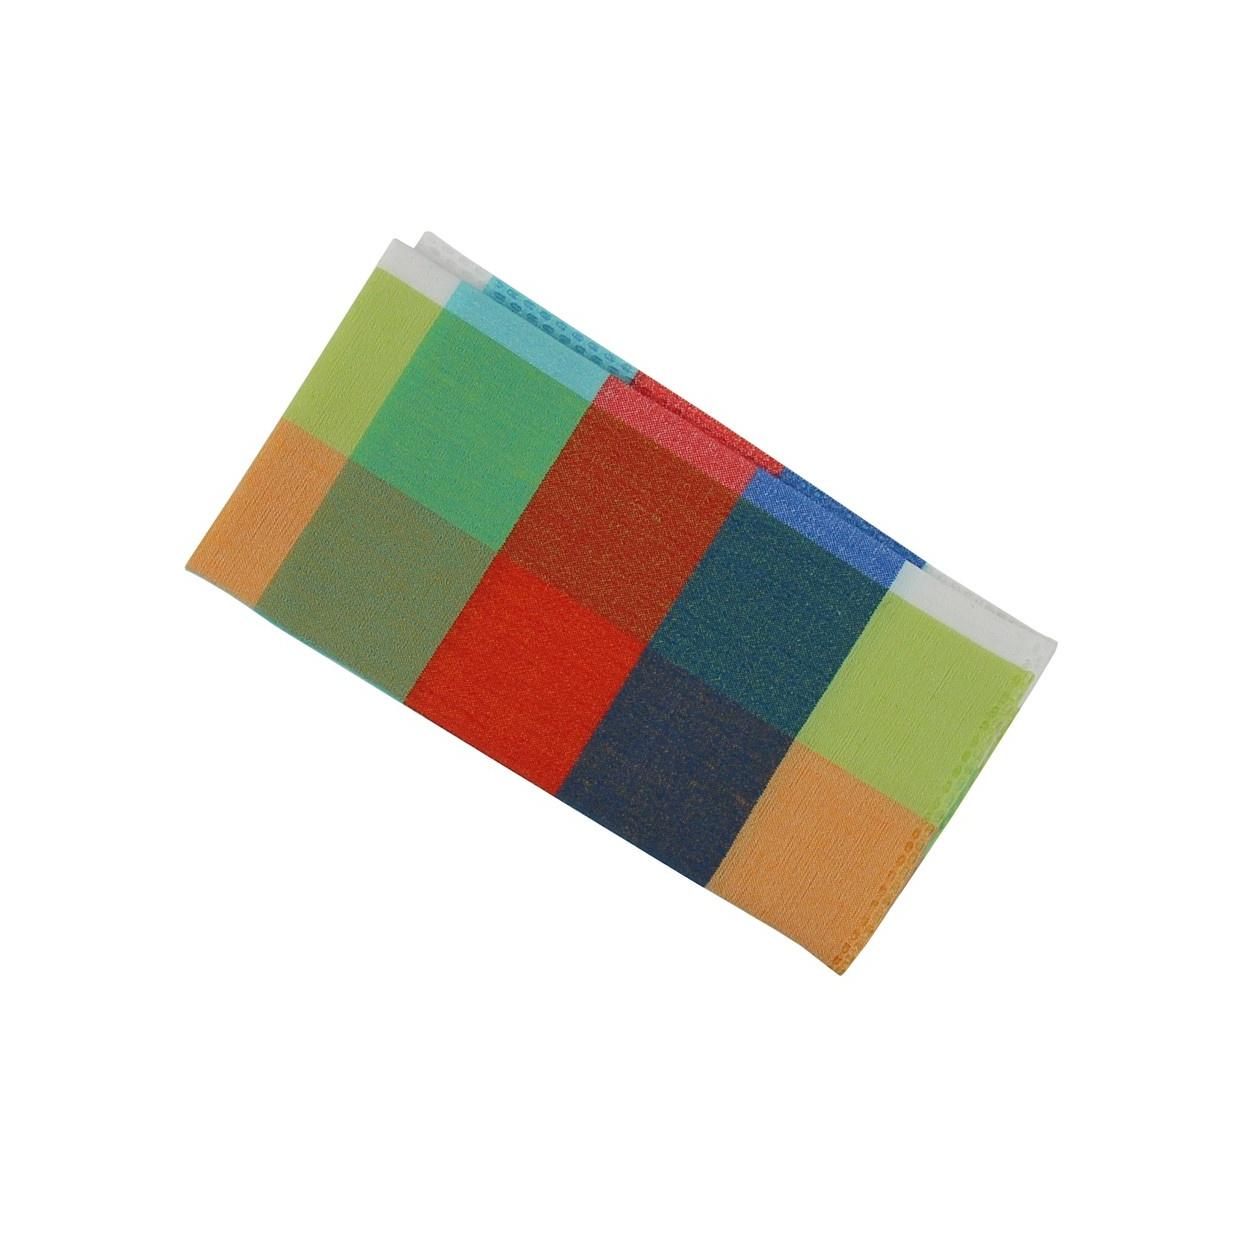 Barevný pánský kapesníček do saka s kostkovaným vzorem